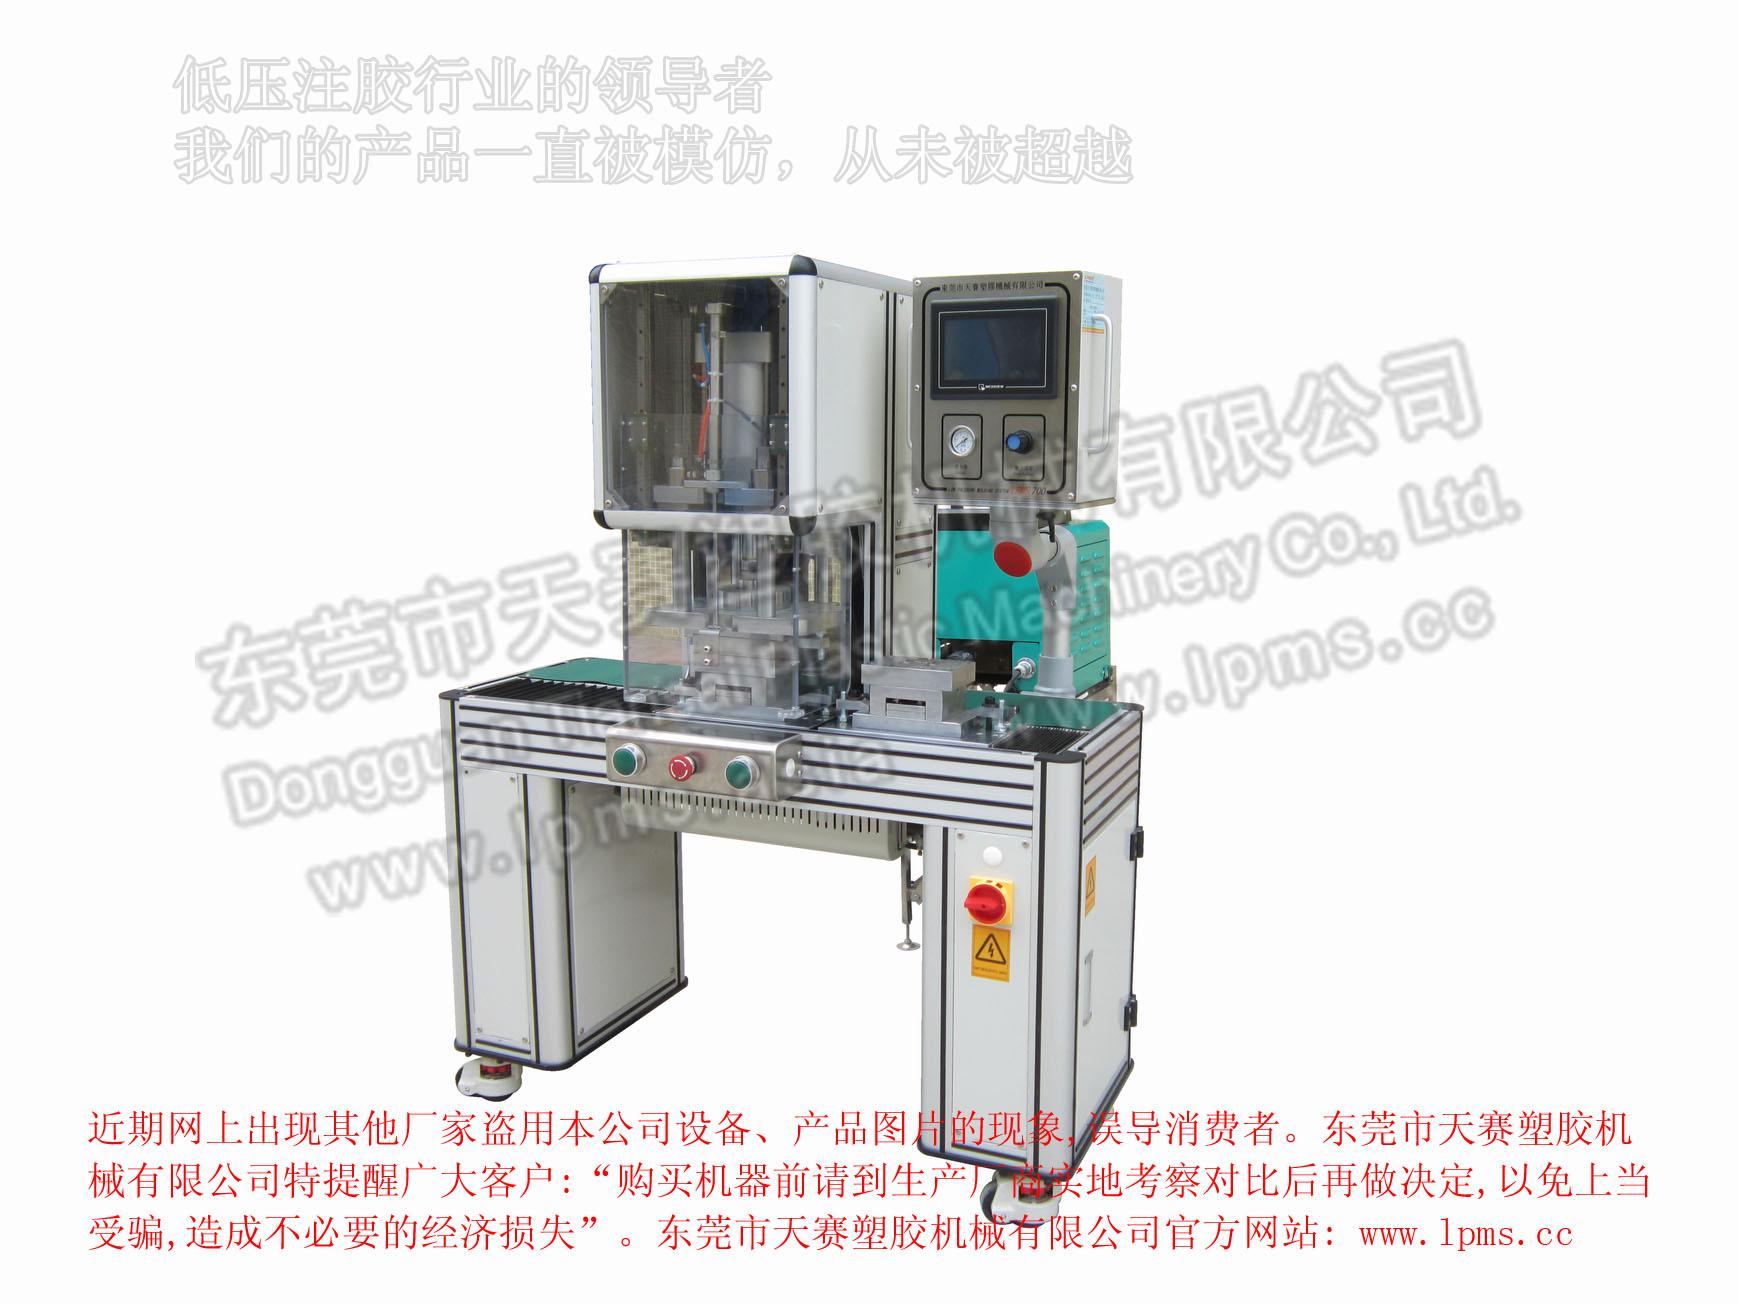 LMPS 700左右移动模式 低压注胶机